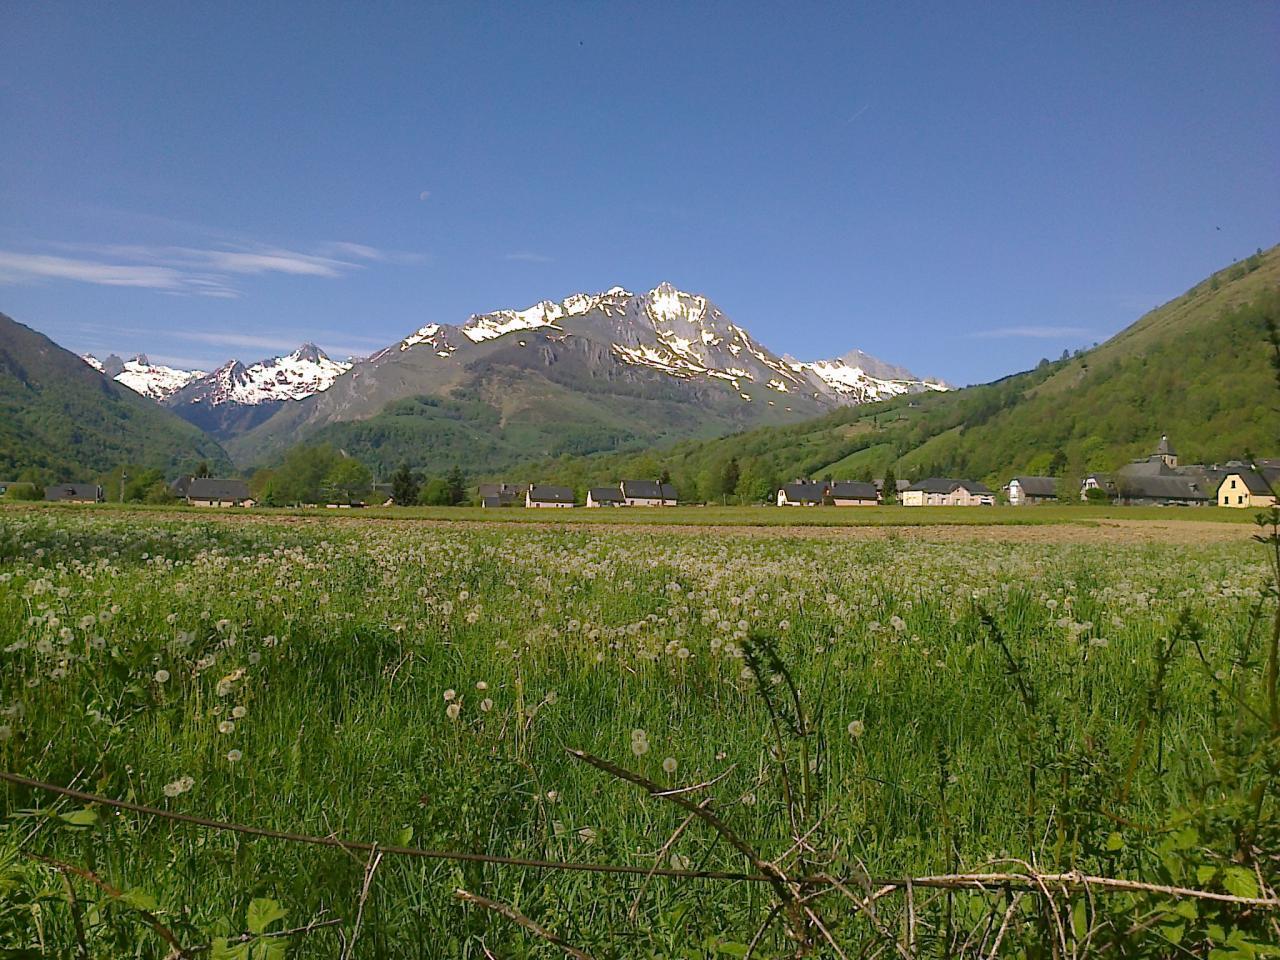 la montagne c'est l'apaisement.